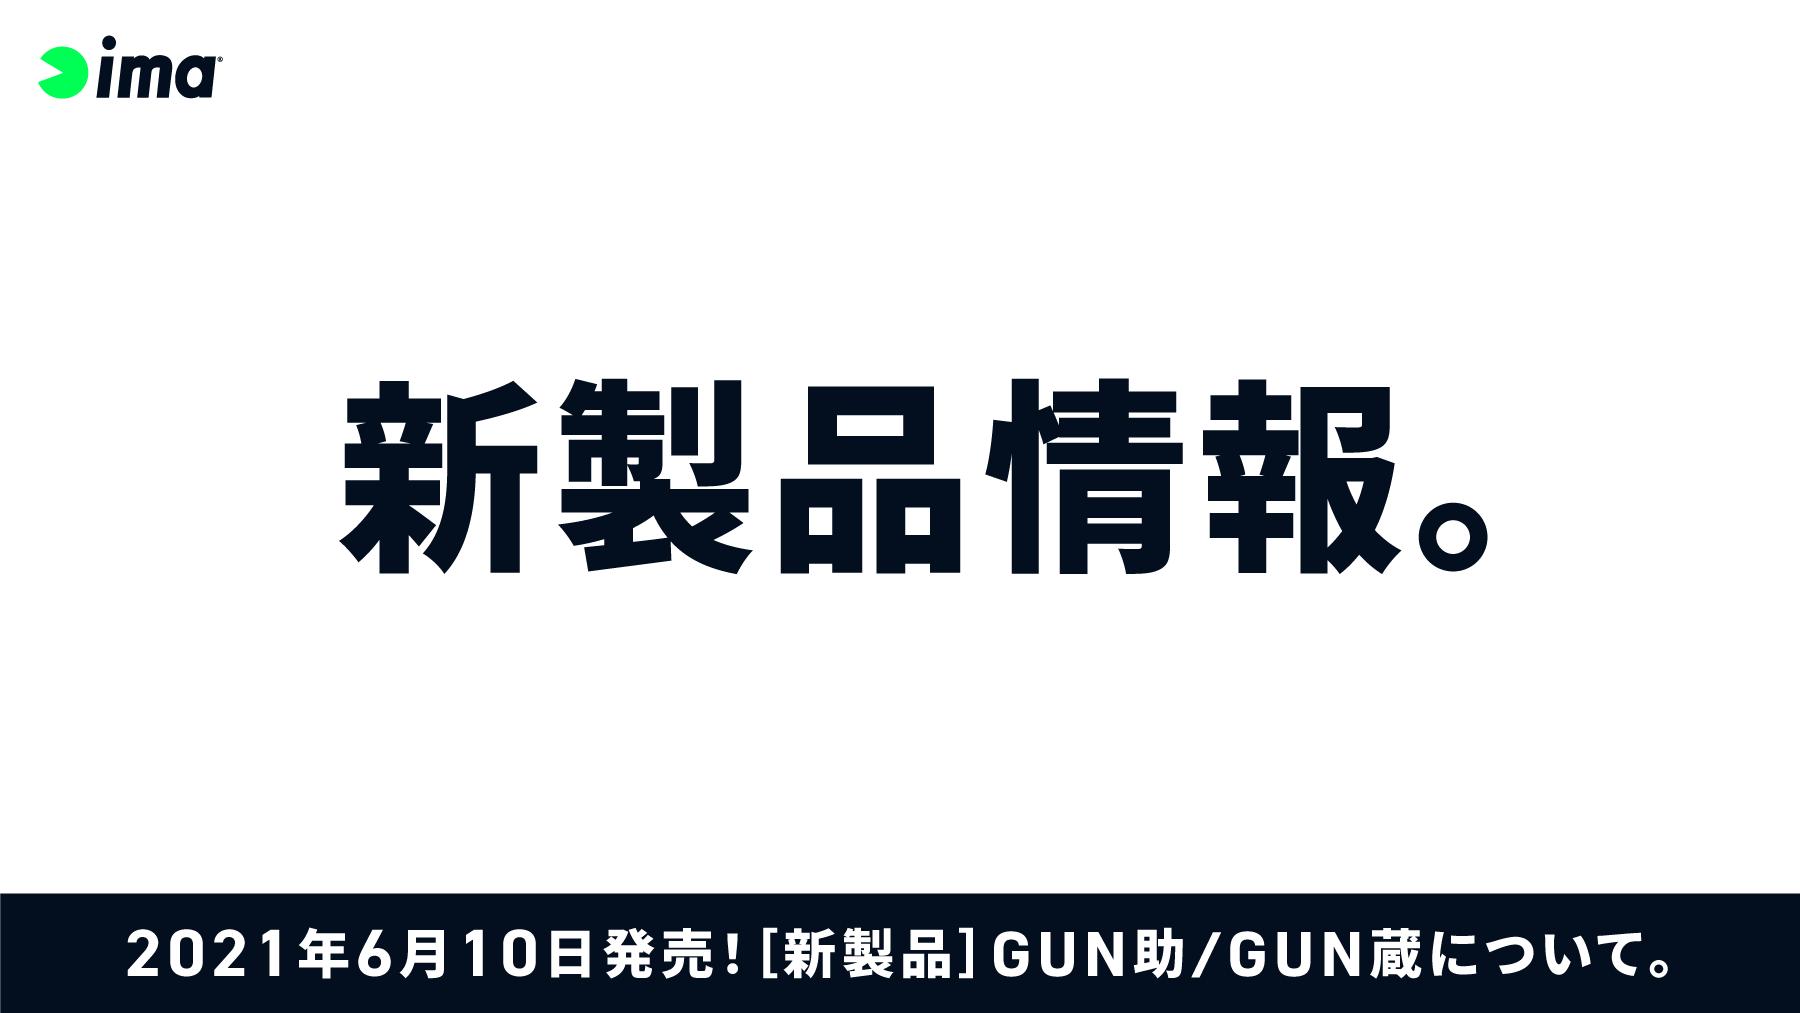 新製品情報:GUN助/GUN蔵